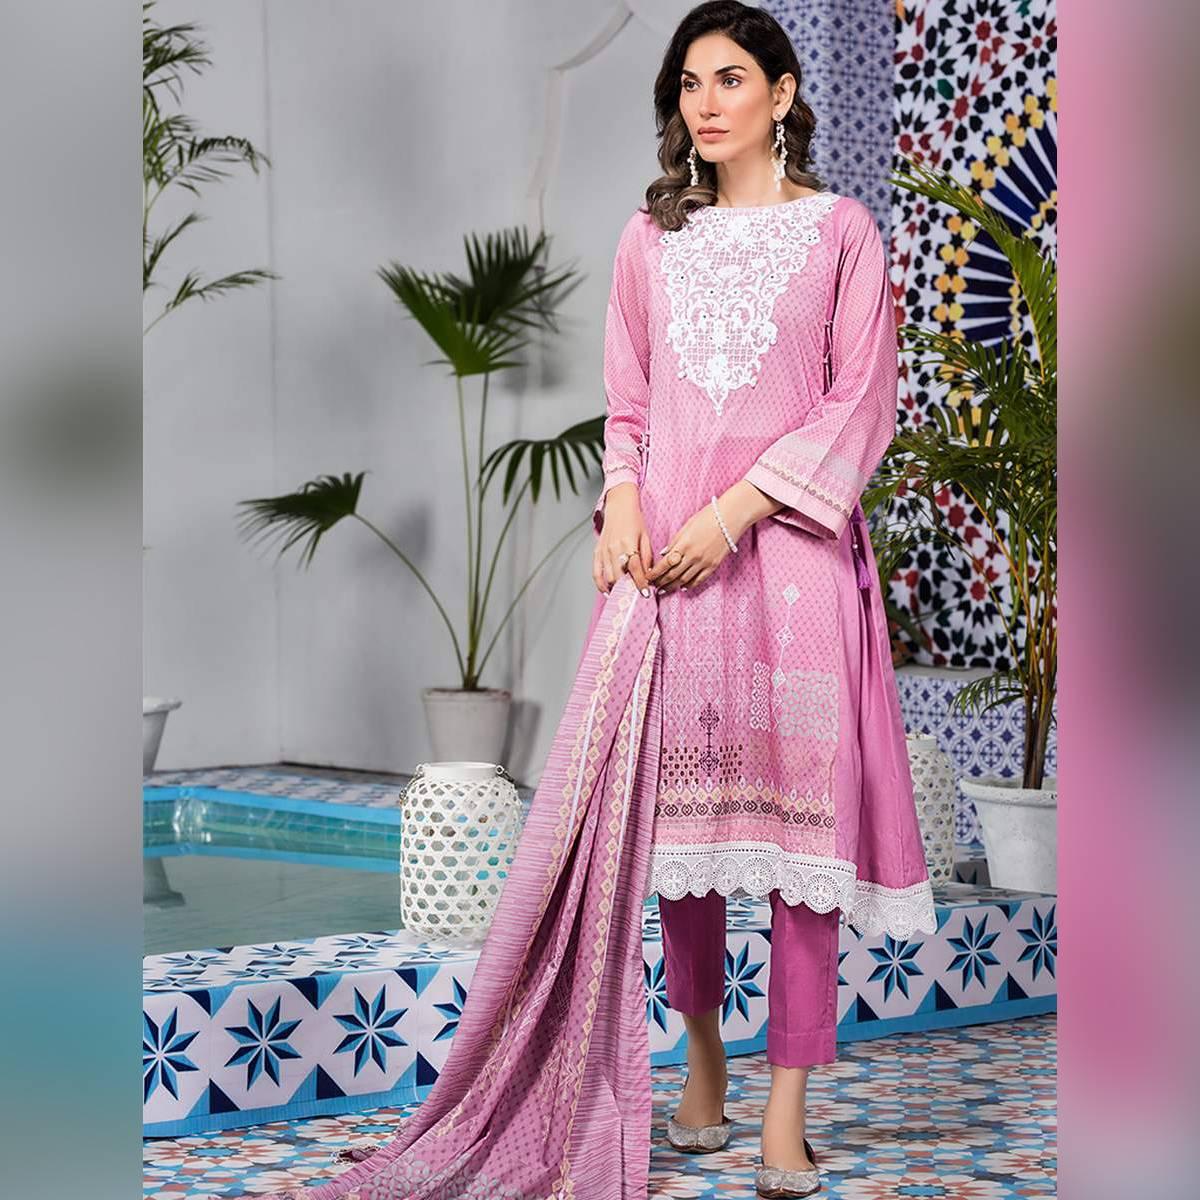 Khas Stores Women Summer Collection Vol 1 3 Pc Unstitched Lawn Suit Purple Fabric LAVENDER KL-4114